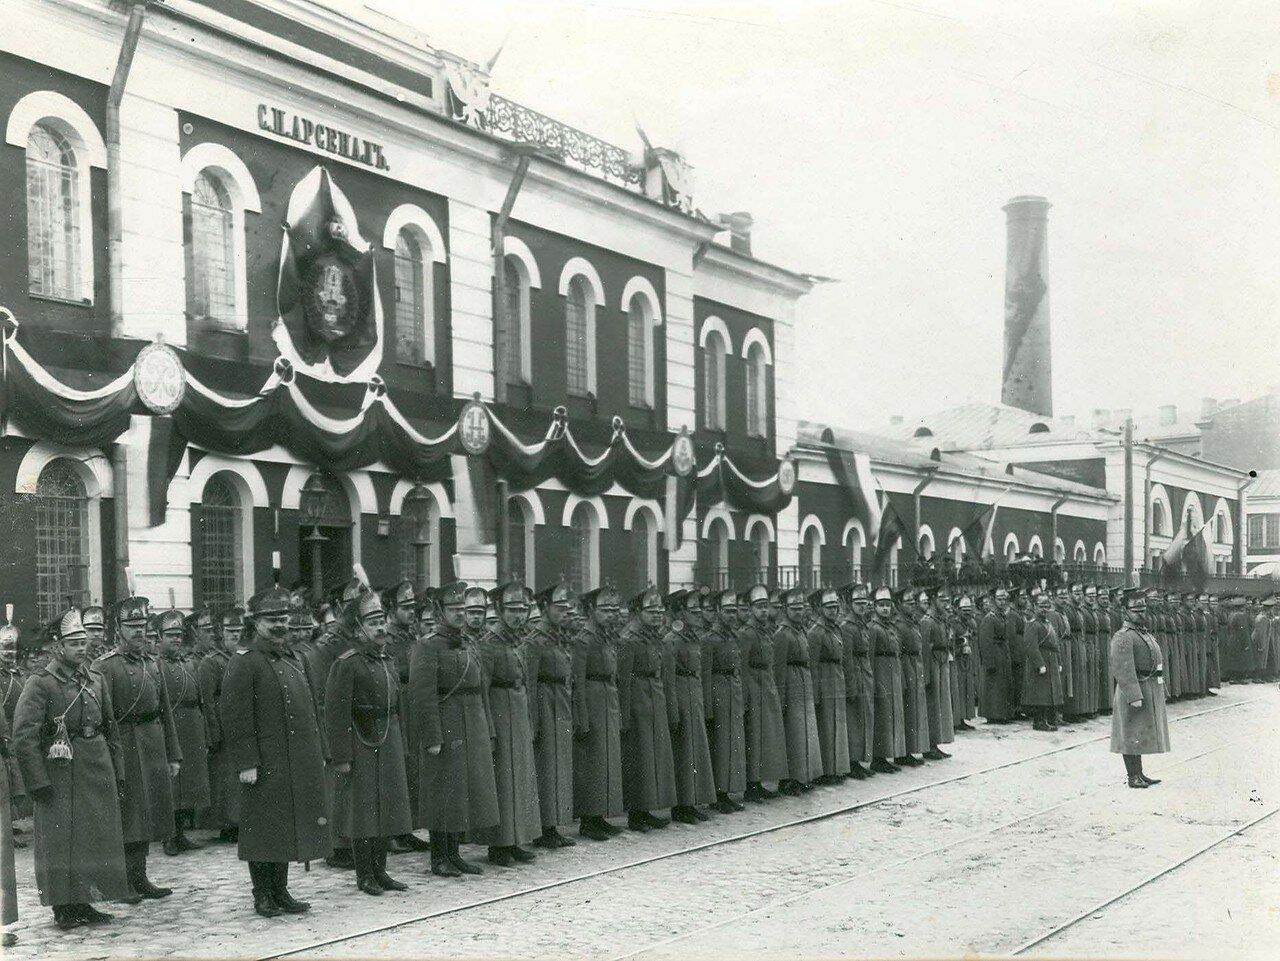 03. Группа гусар - участников празднования 200-летнего юбилея Арсенала в строю перед зданием завода. 21 апреля 1914